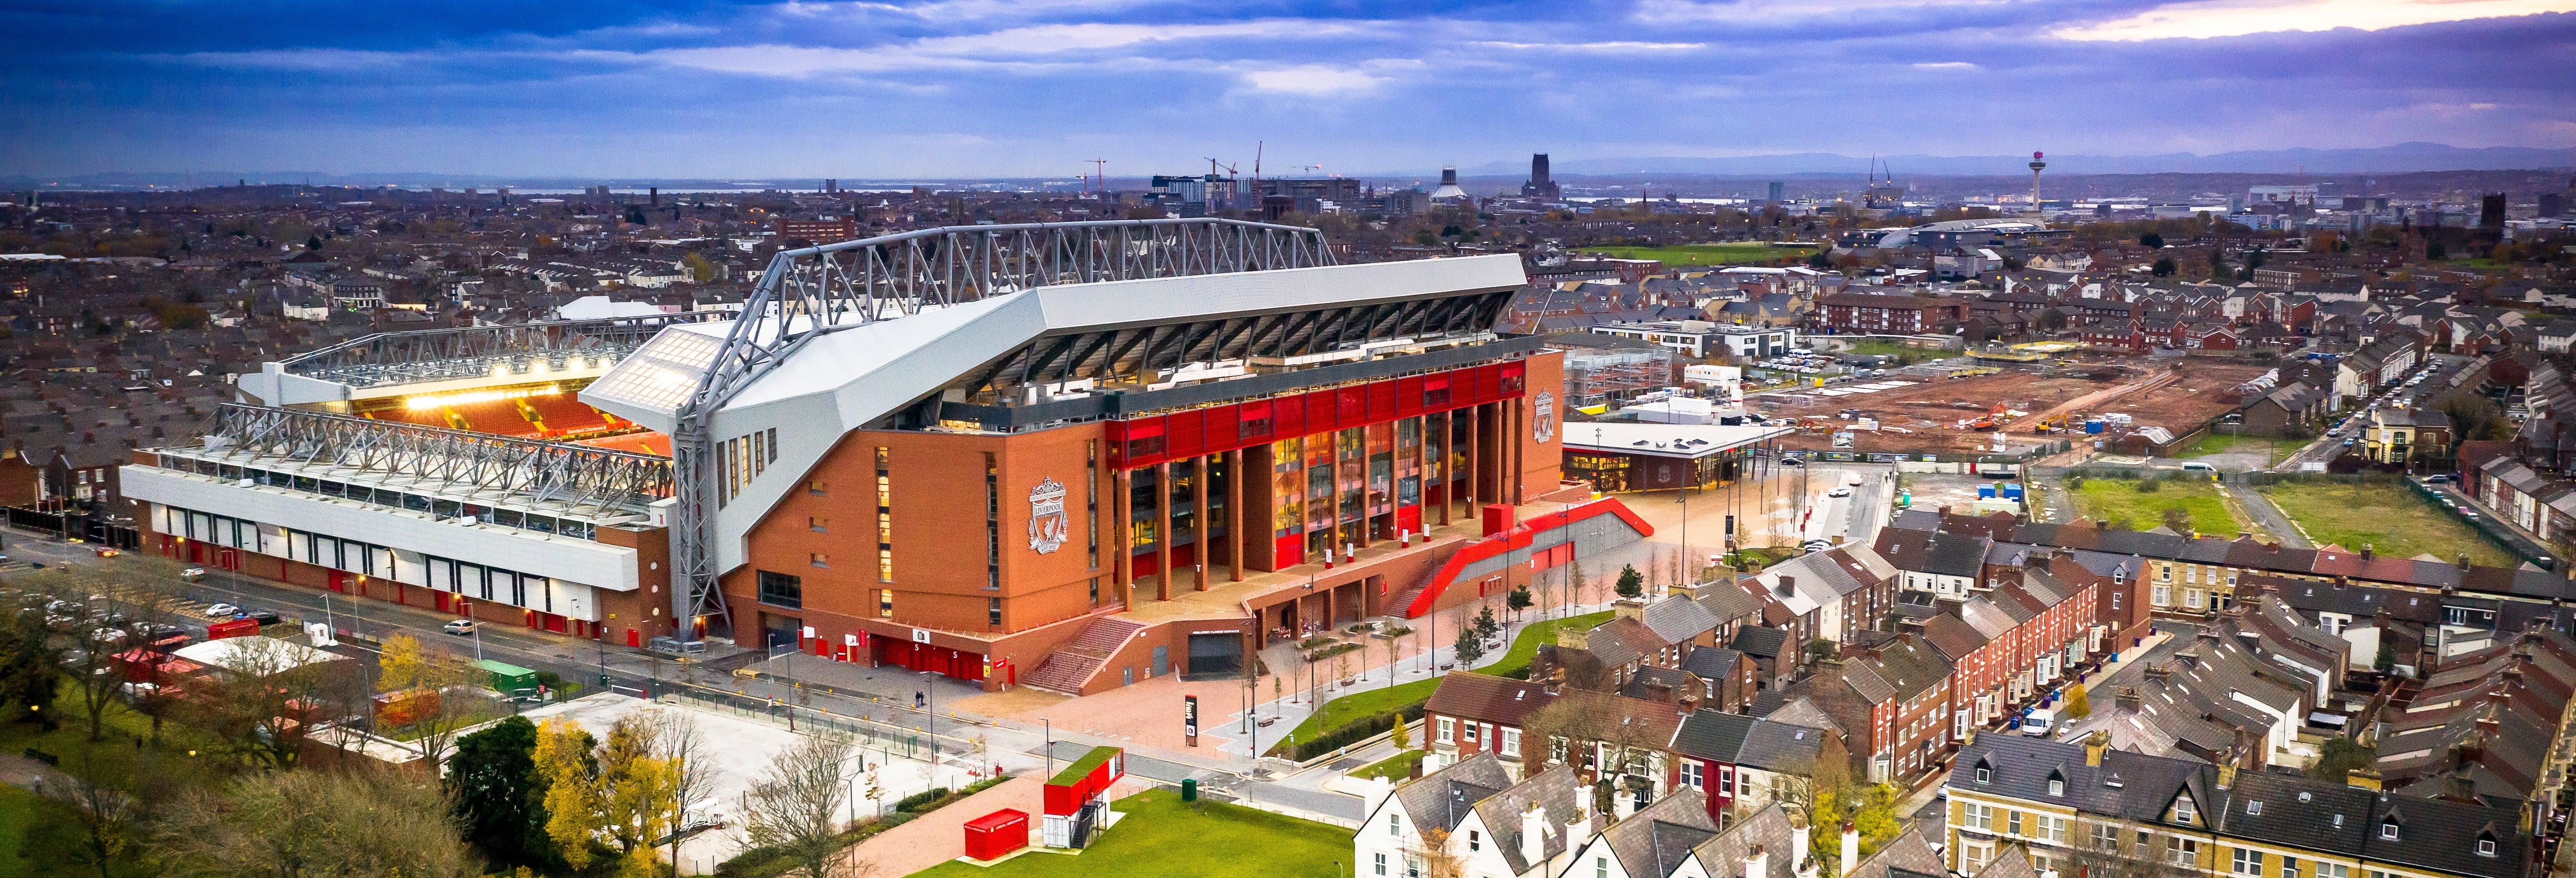 Tour del Estadio Anfield